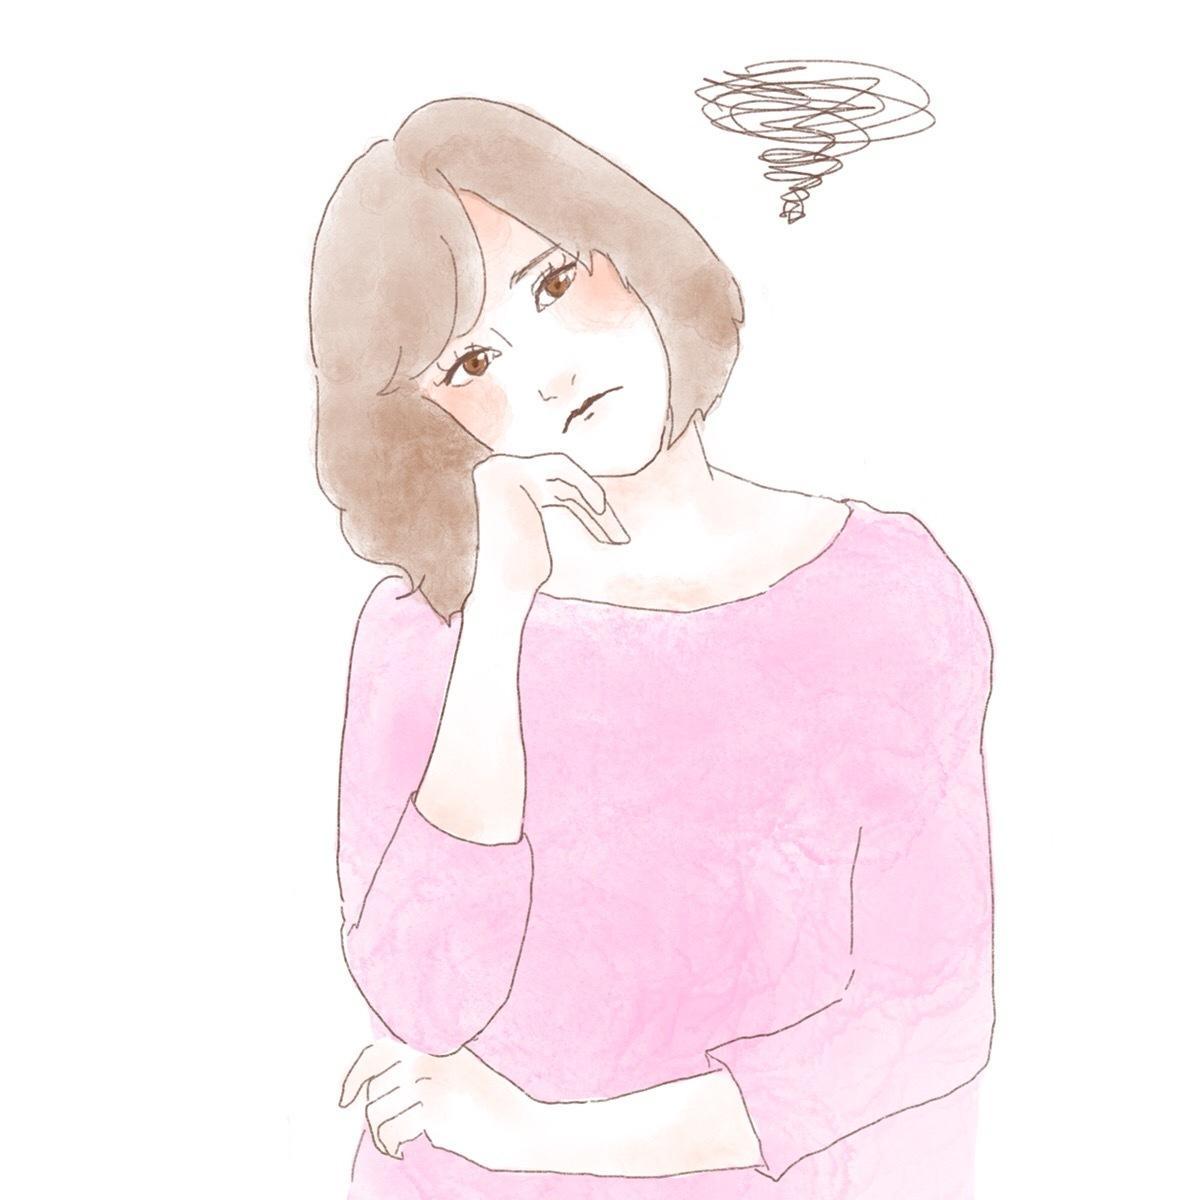 挿絵にピッタリな淡い女の子描きます 女性のイラストリクエストで承ります【高解像度psdデータ○】